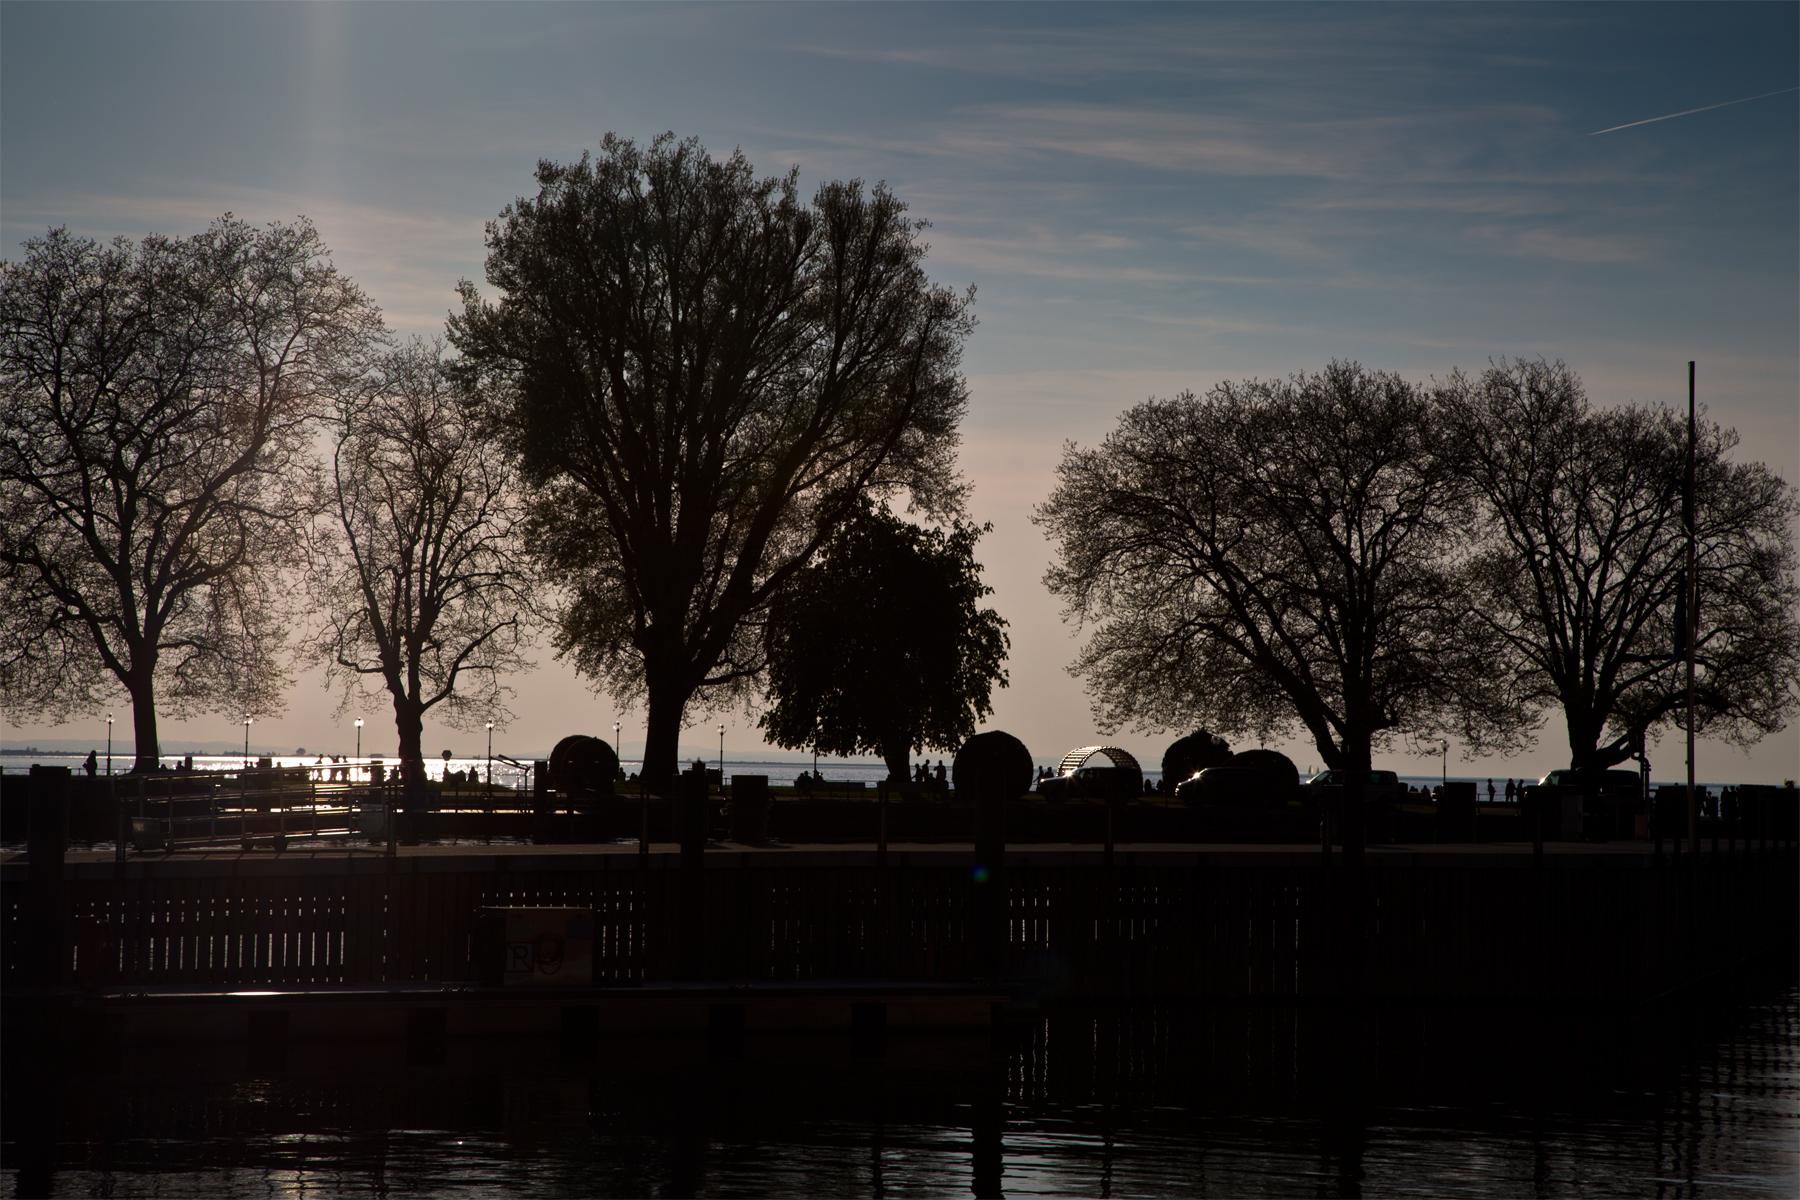 Bregenz-Hafen-Bäume-Silhouette-Wasser-Bodensee-Vorarlberg-Lake Constance